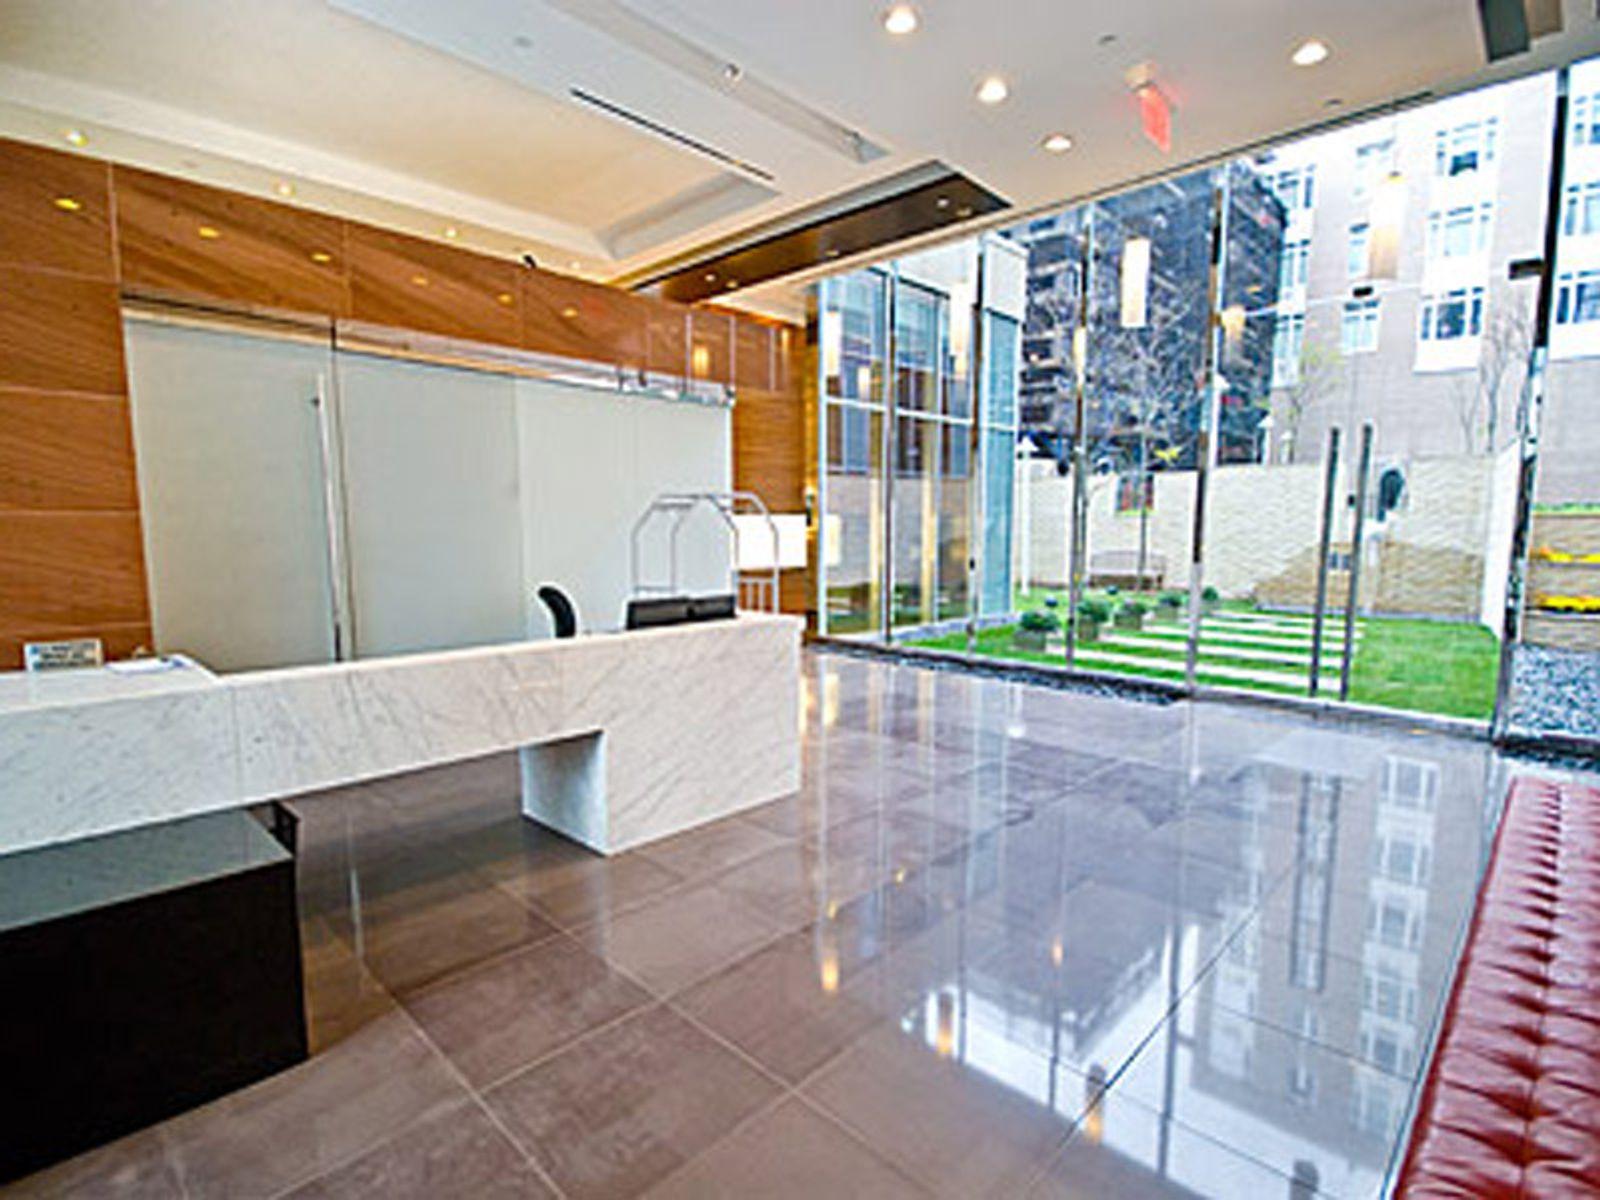 243 W 60th St, The  Adagio Condominium